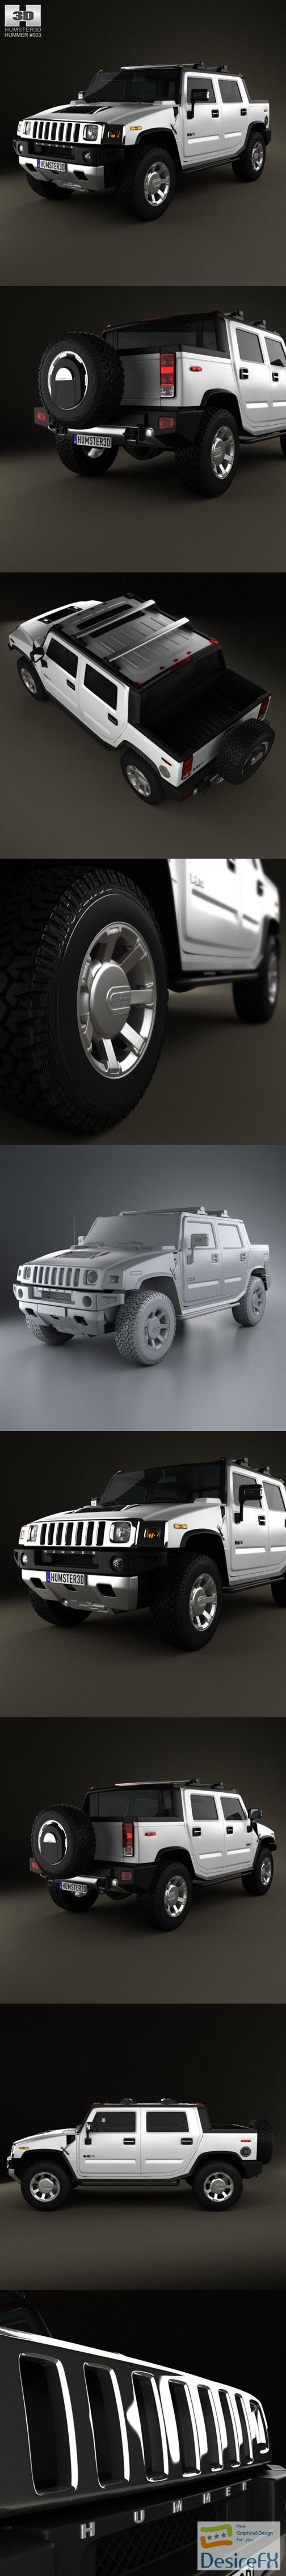 3d-models - Hummer H2 SUT 2011 3D Model